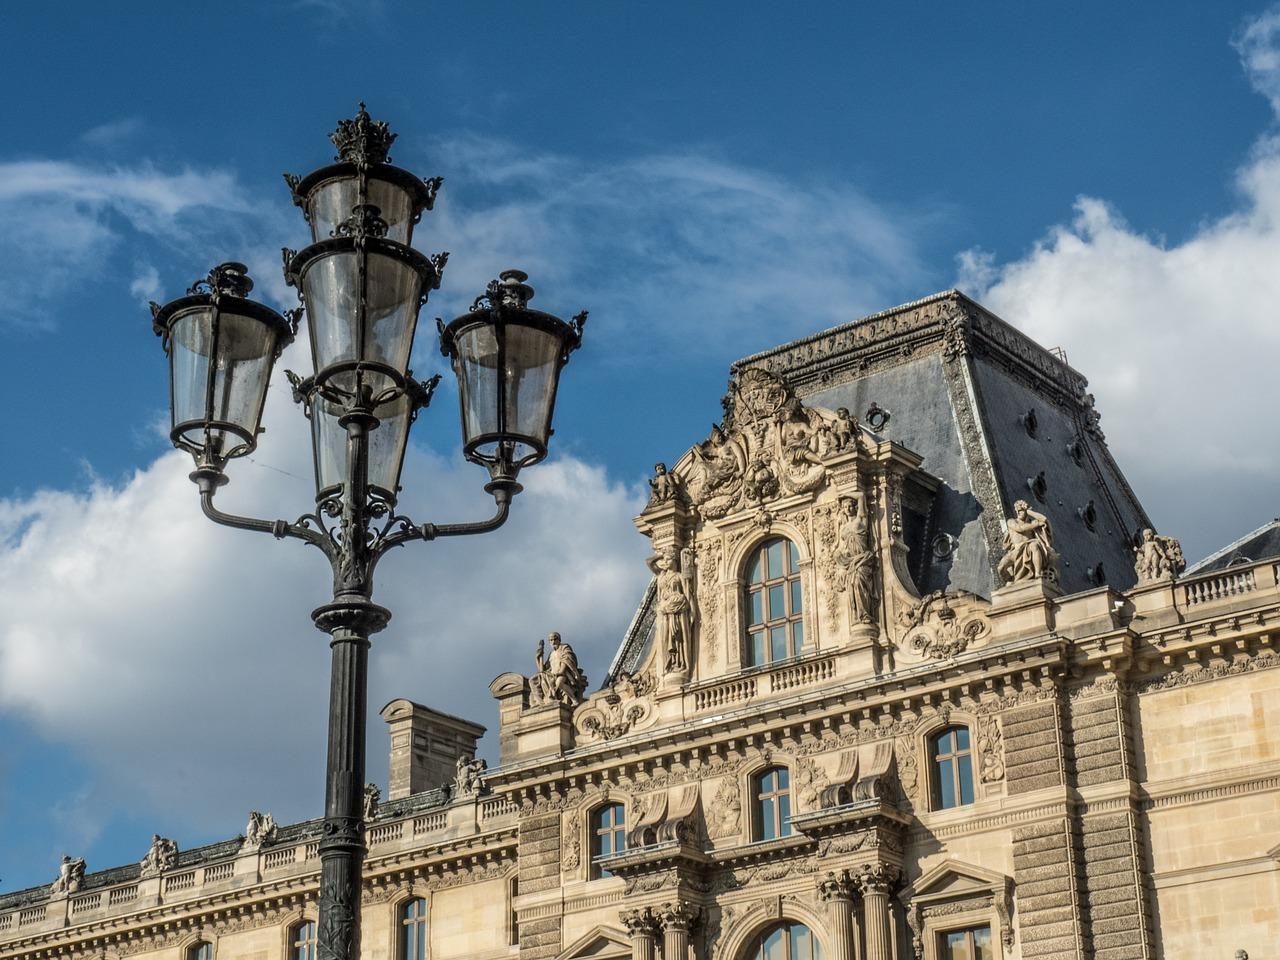 Unele contracte pentru serviciul de iluminat public nu sunt compatibile cu legislaţia din domeniu, potrivit Consiliului Concurenţei.